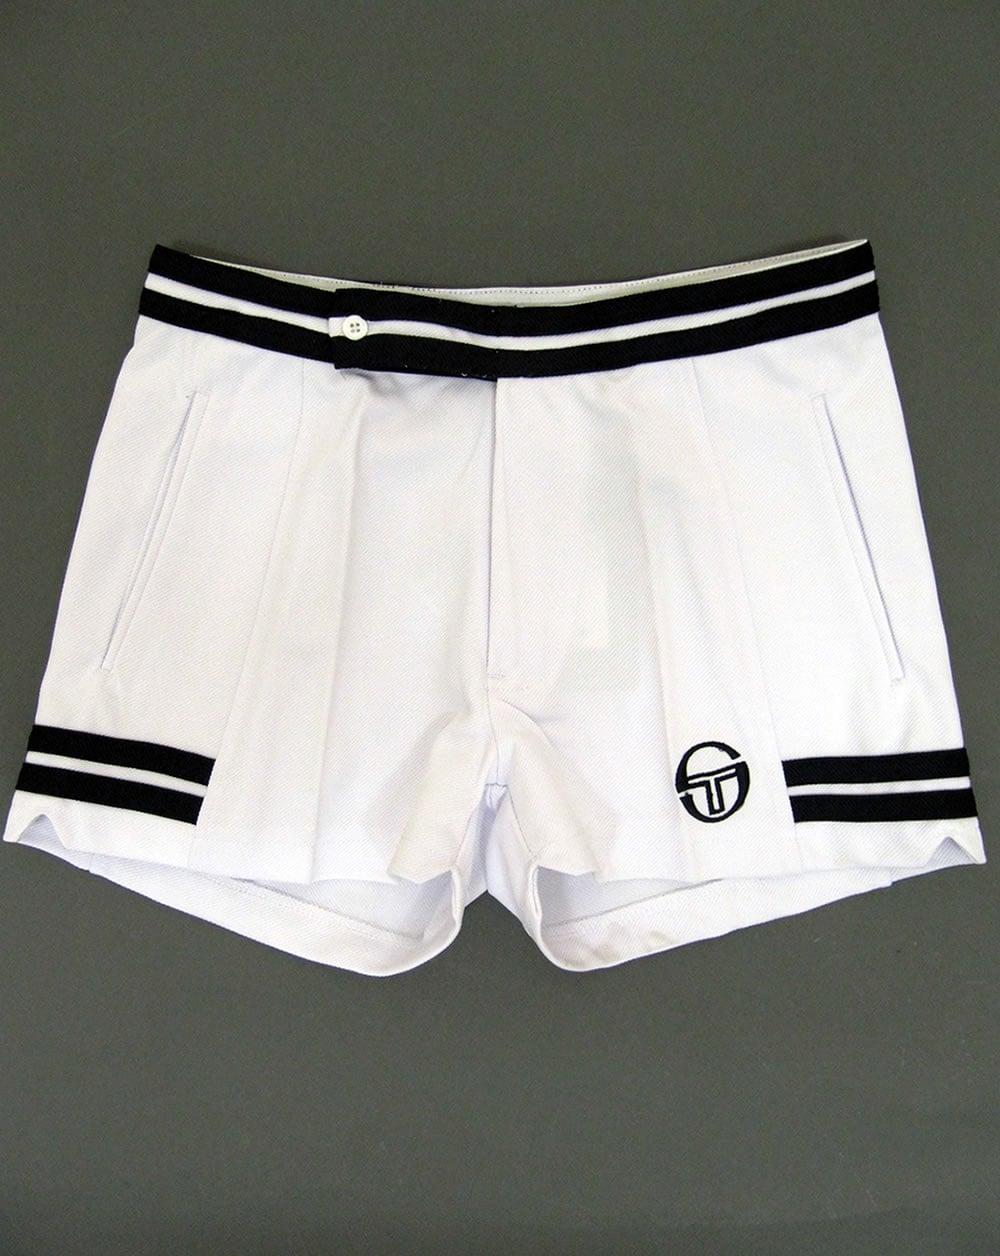 13f88f888332f Sergio Tacchini Vitas Shorts White/navy - sergio tacchini tennis shorts